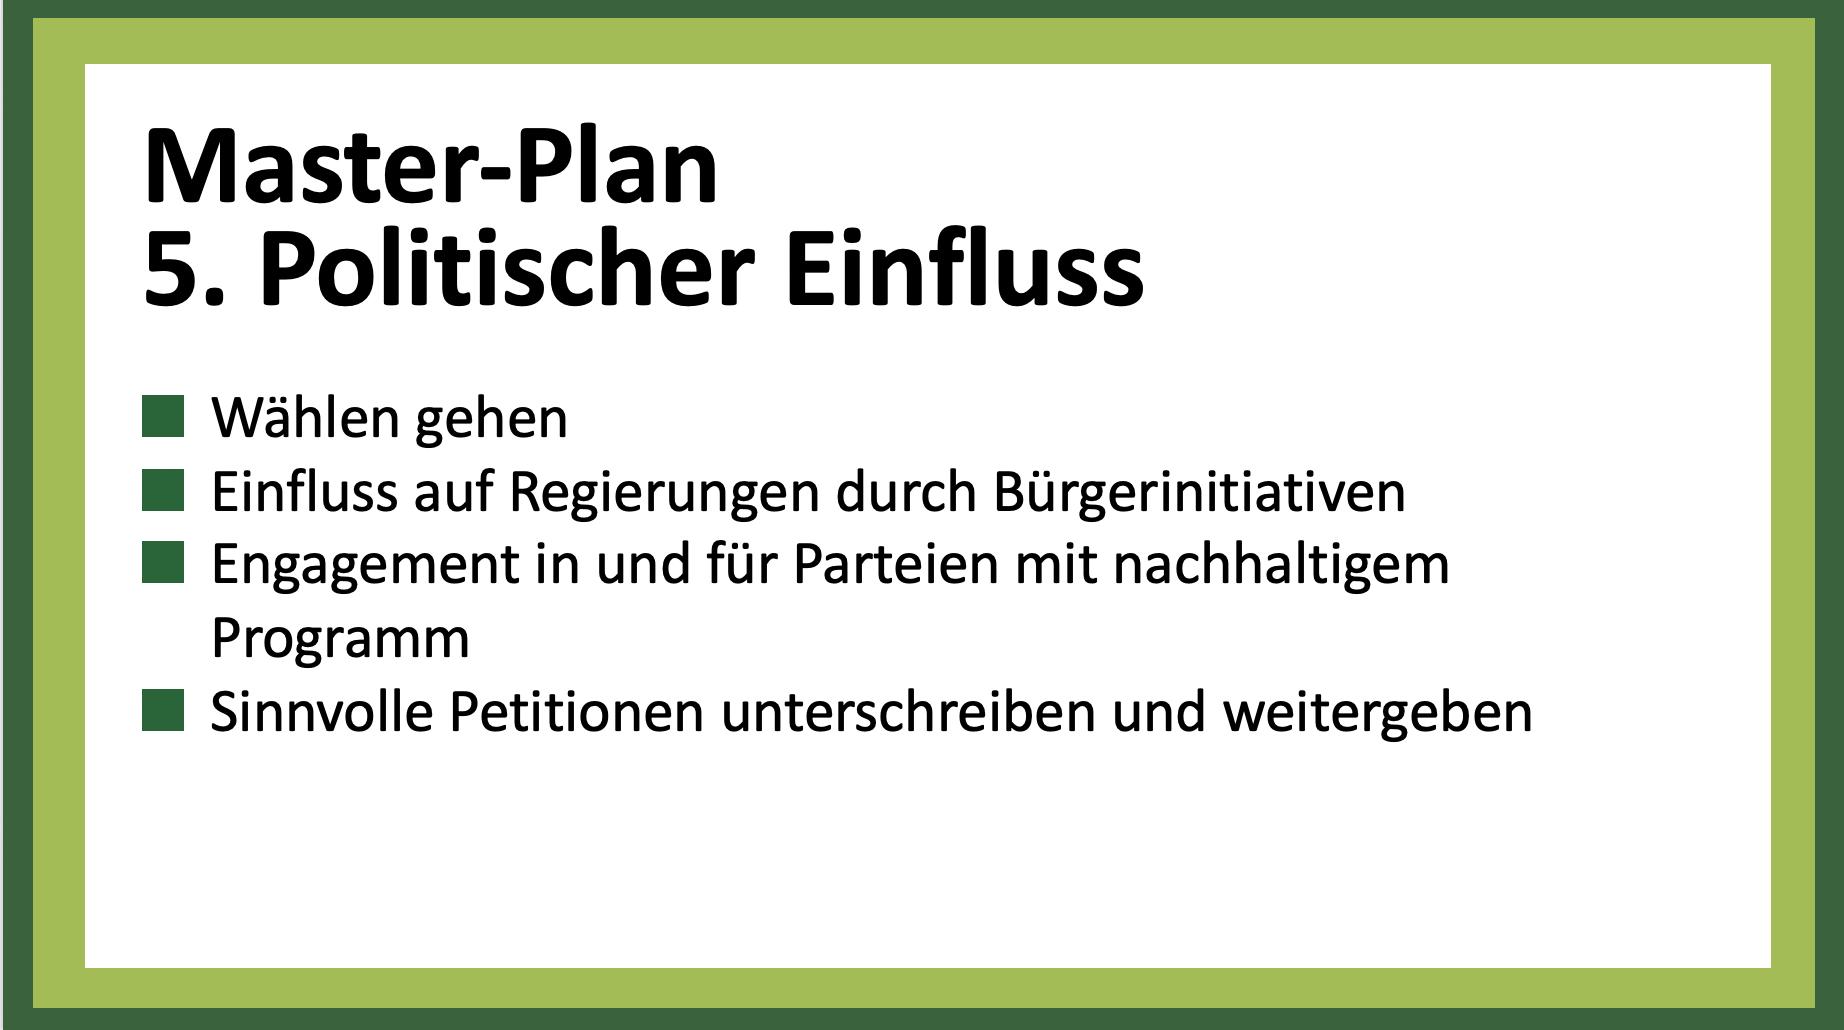 Master-Plan 5